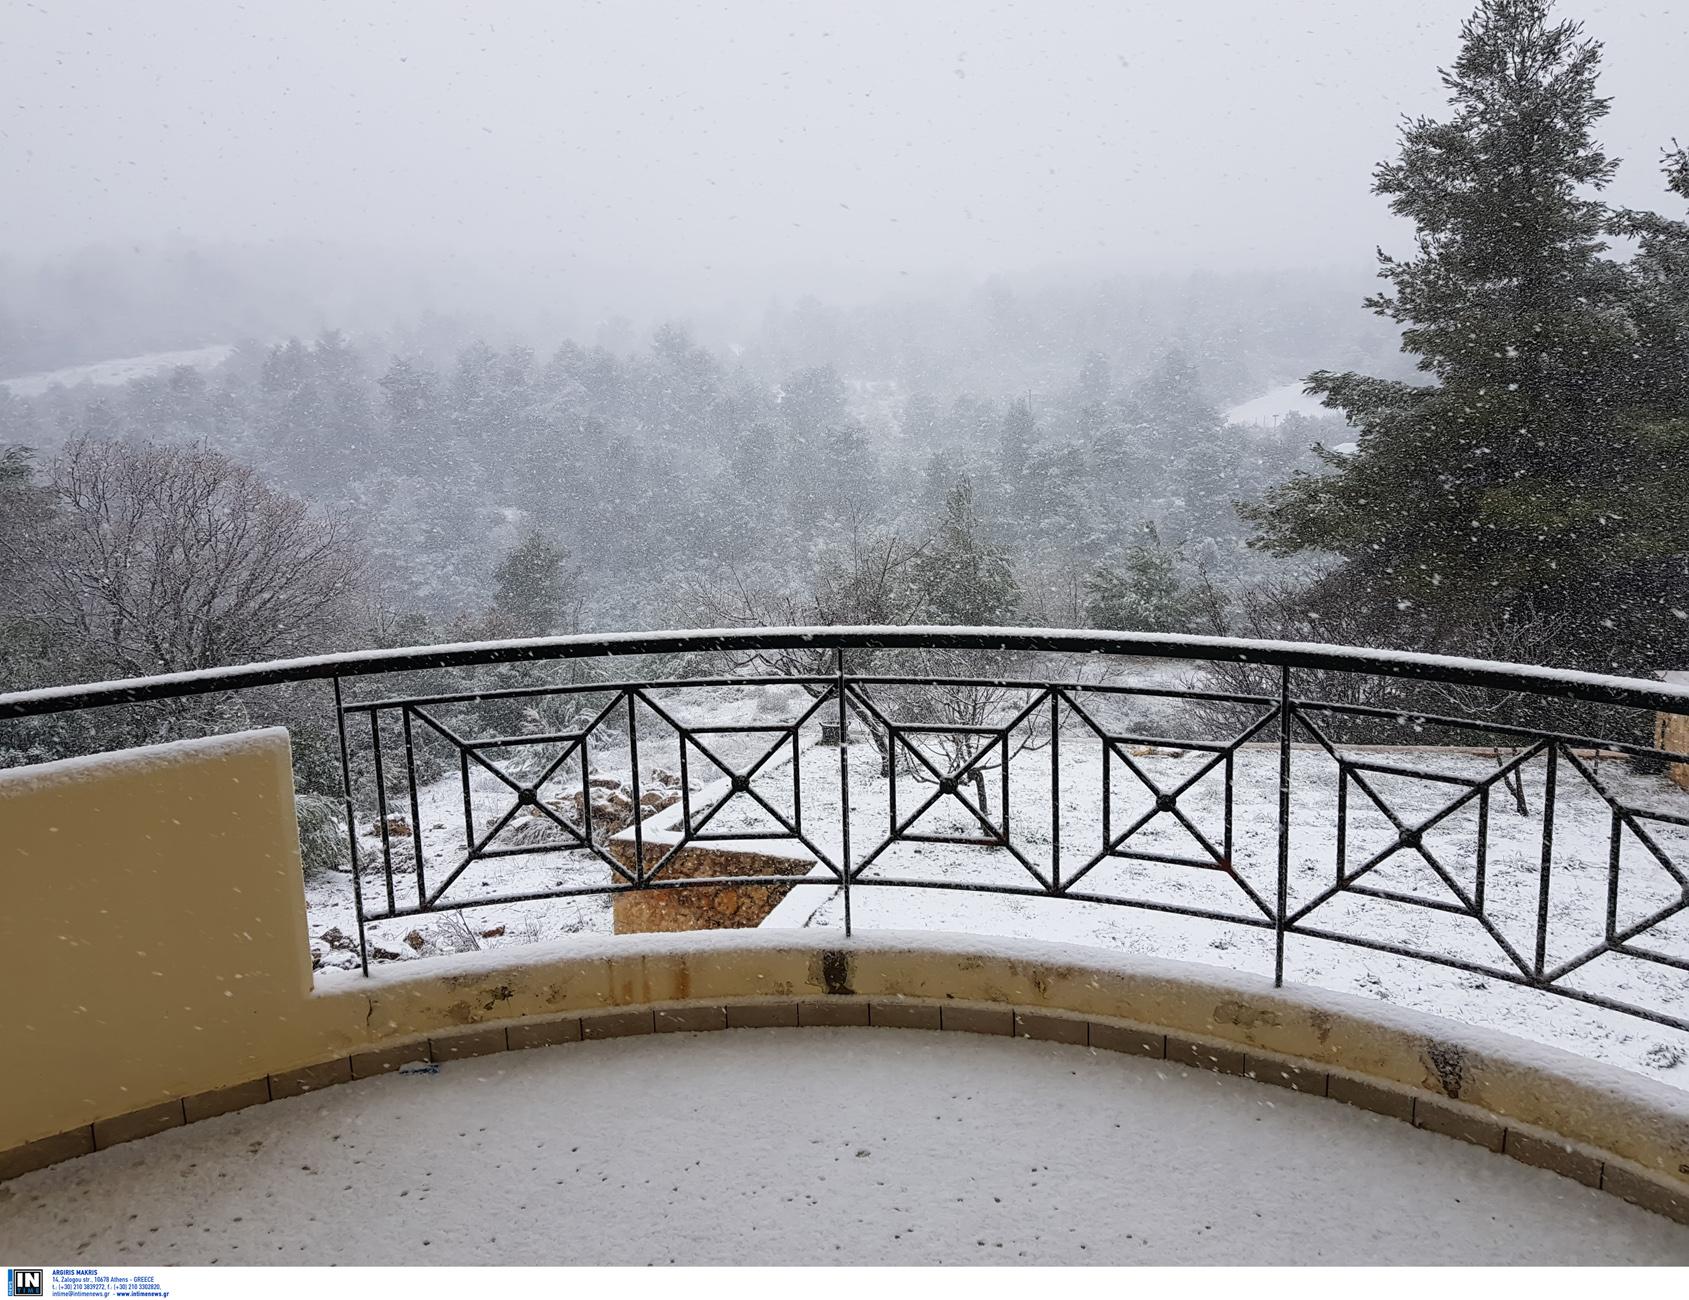 Καιρός: Ξεκινά η ψυχρή εισβολή, που θα χιονίσει